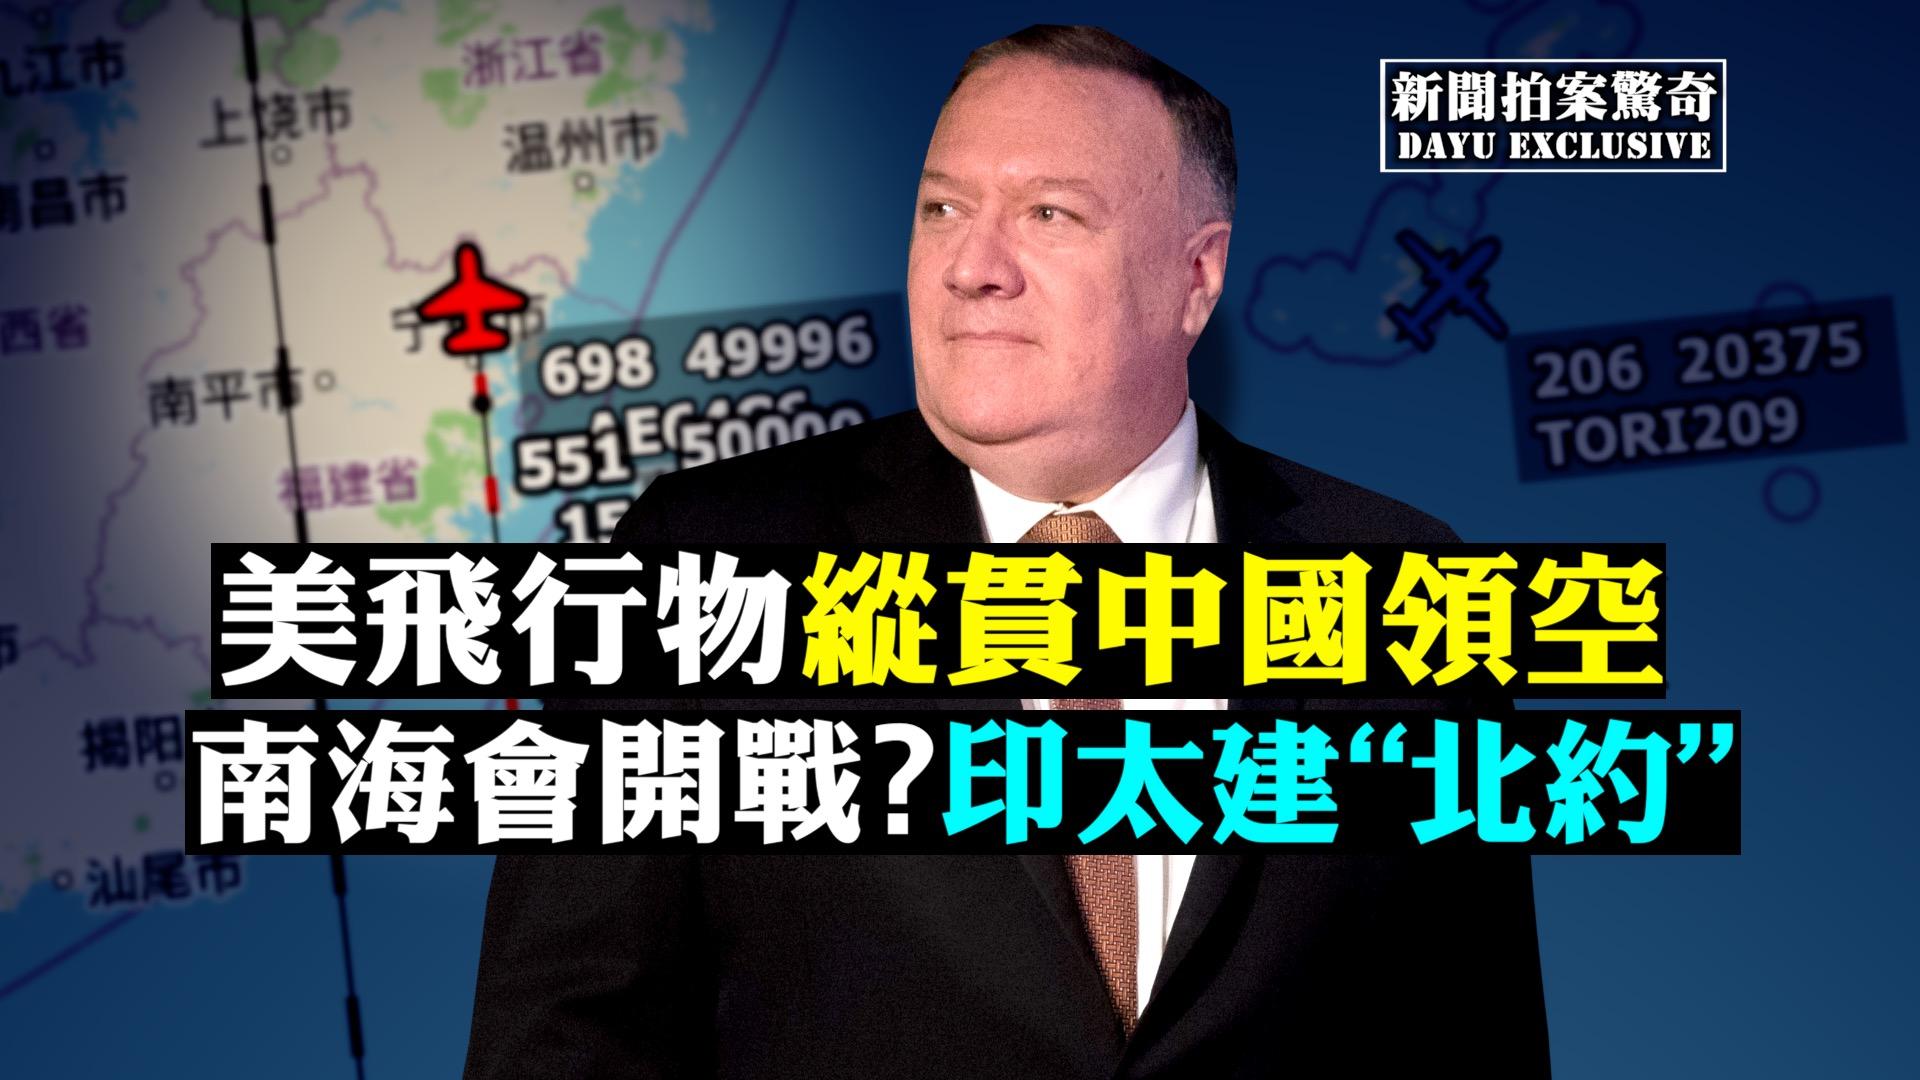 飛行物縱貫中國領空,南海會開戰?印太建「北約」。(大紀元合成圖)